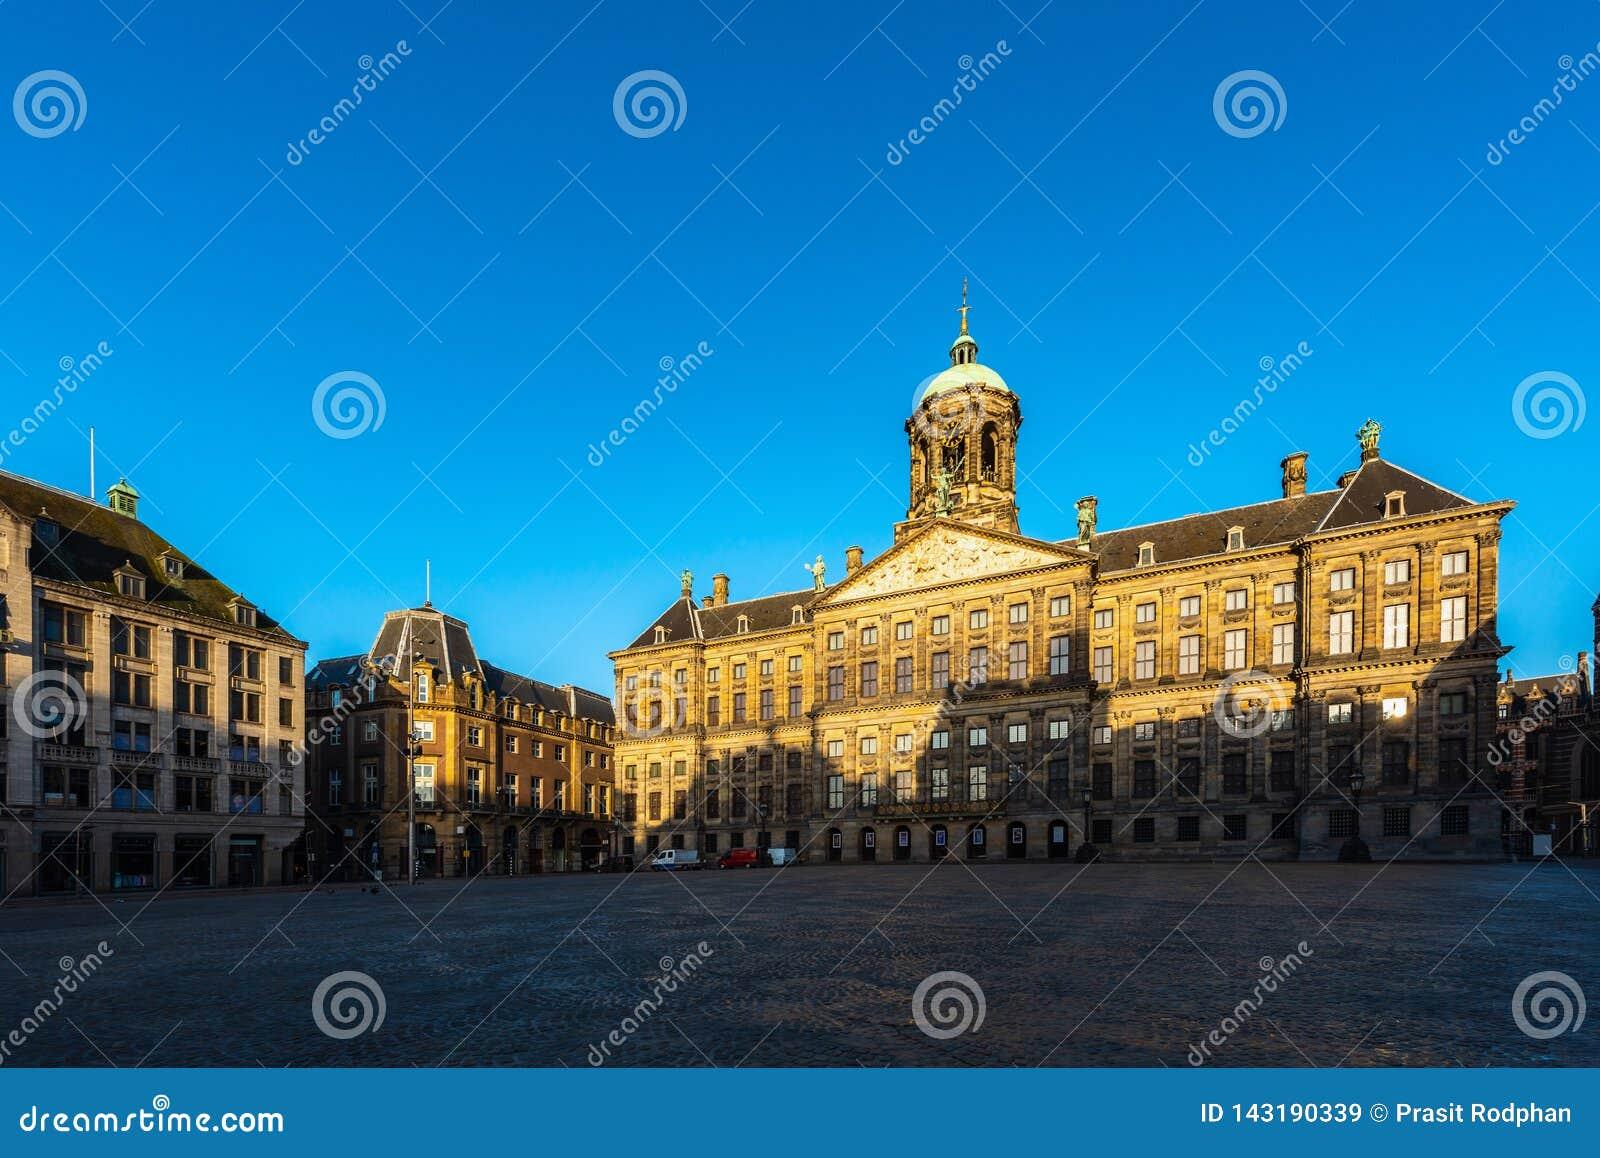 Piękny zima widok Royal Palace na grobelnym kwadracie w Amsterdam holandie